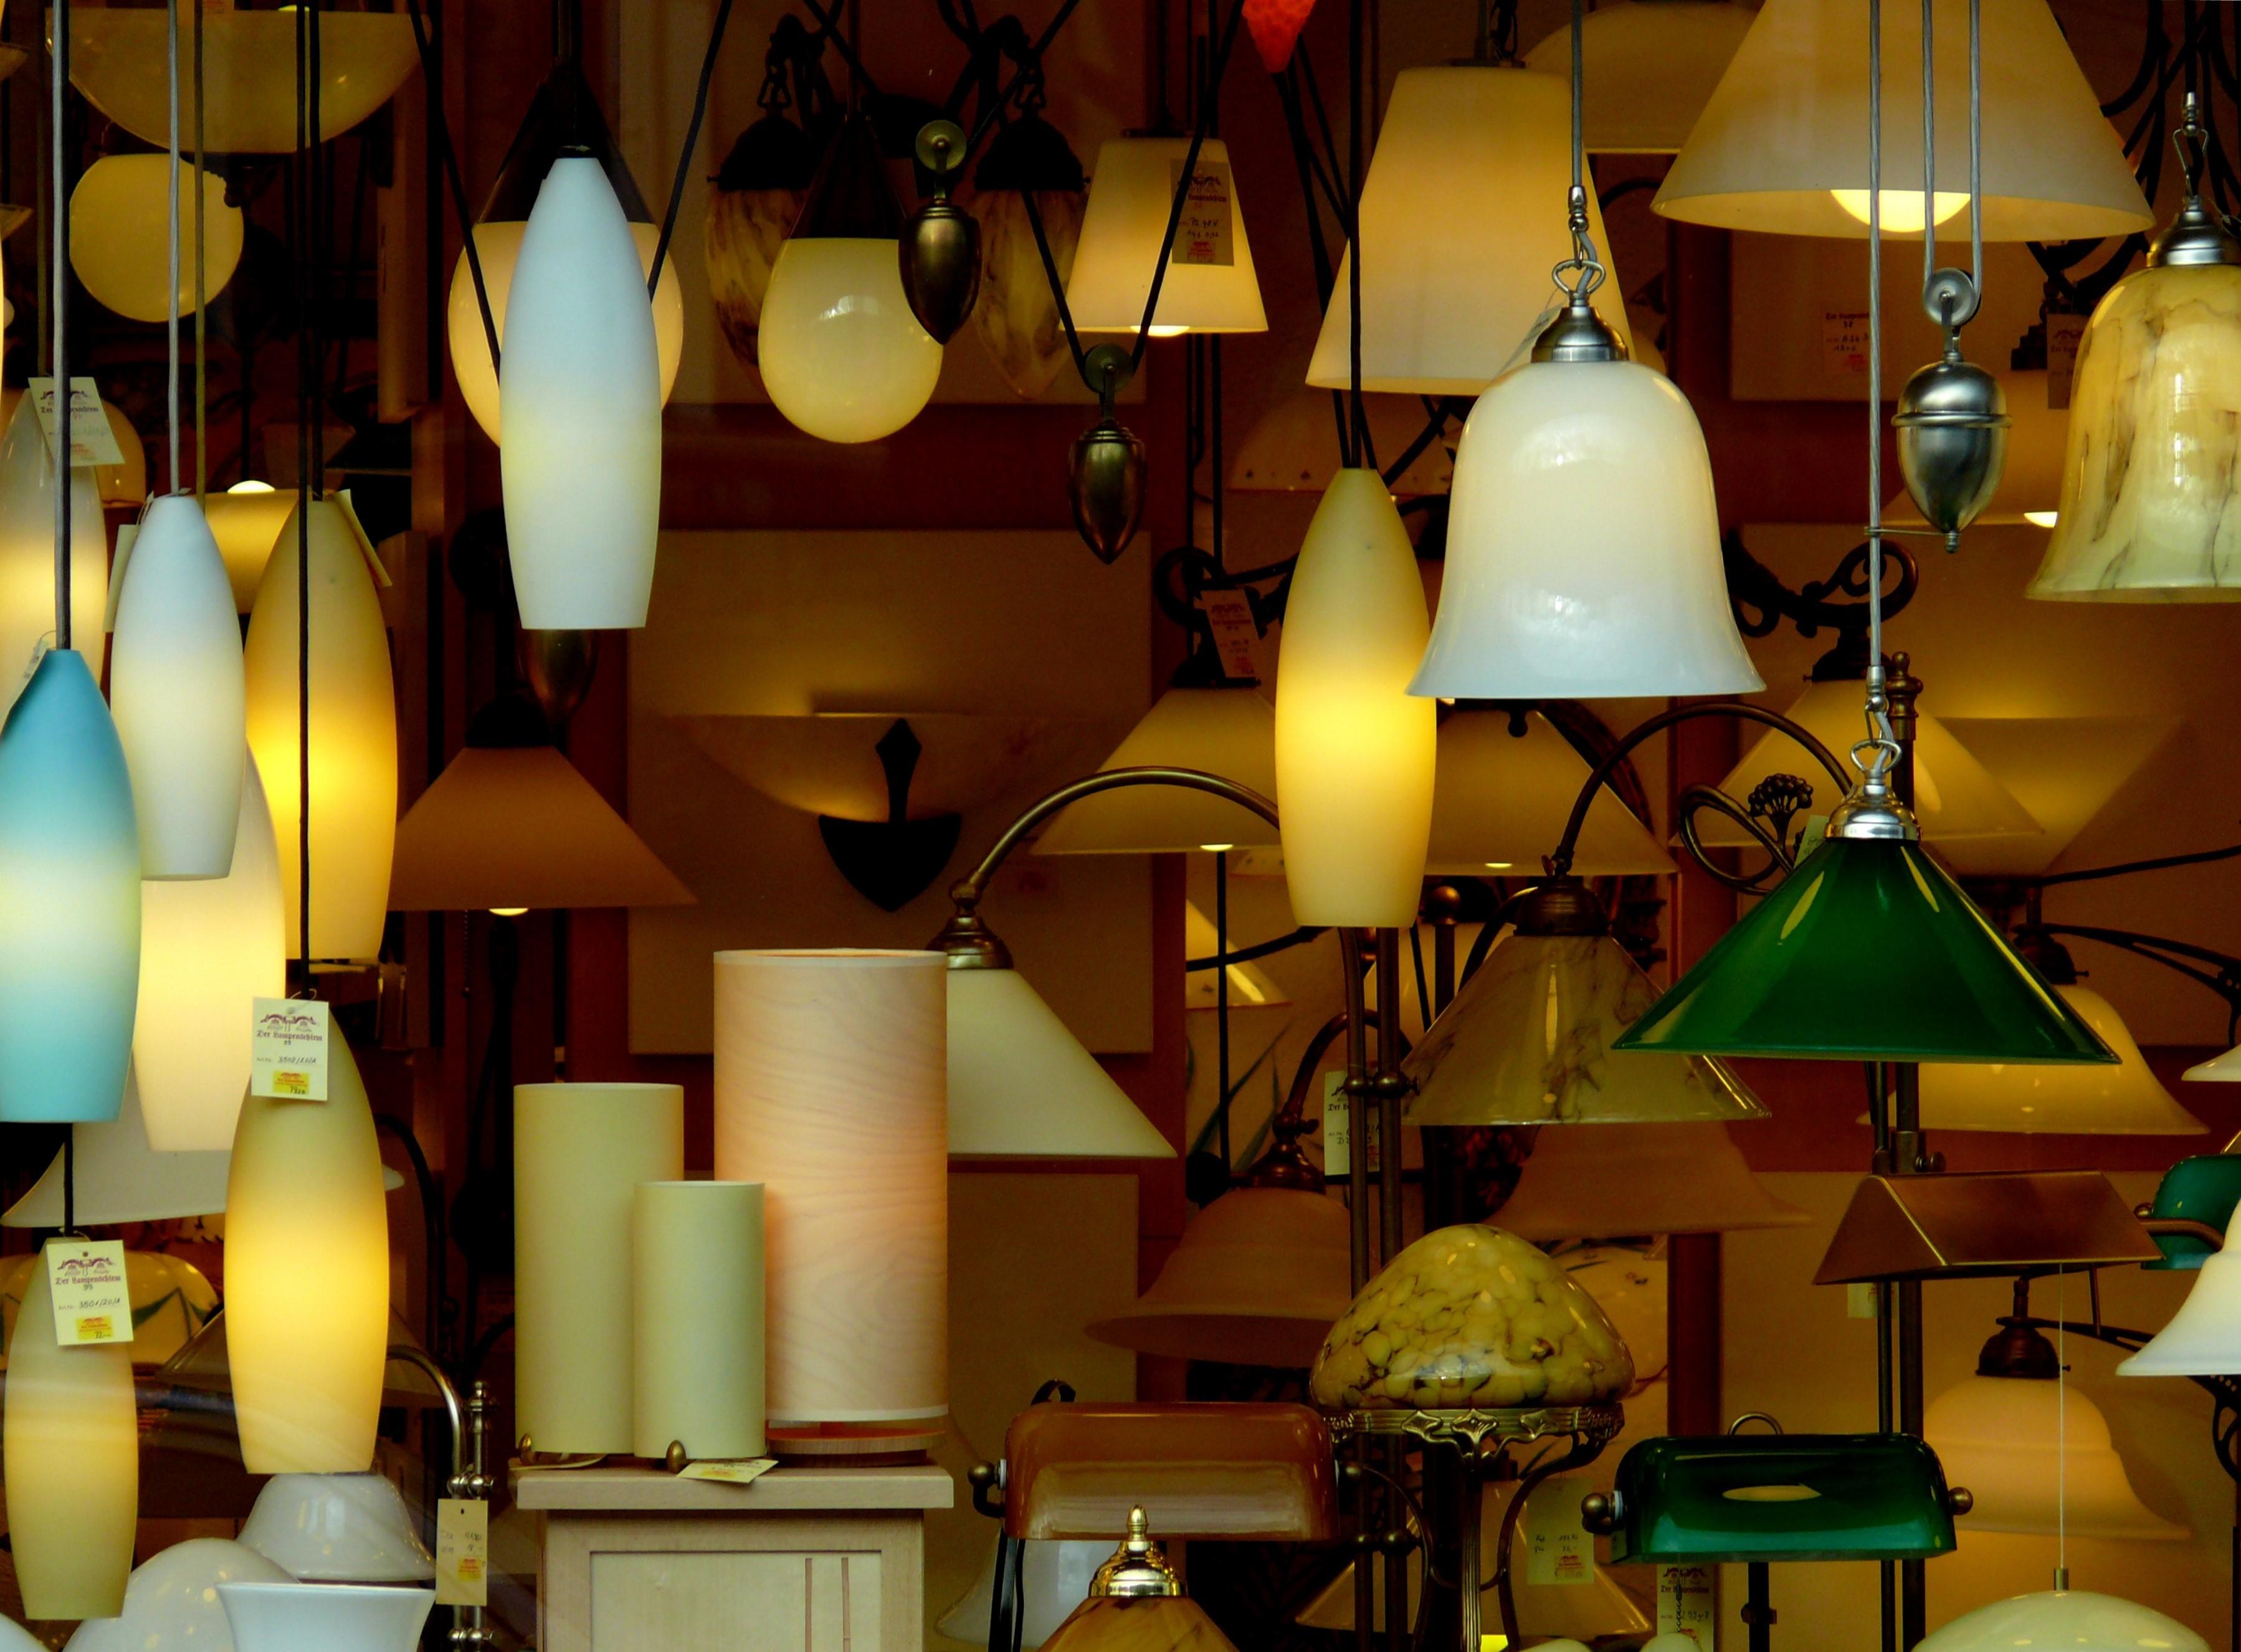 Beleuchtung München wallpaper abstract shop munich munchen design le